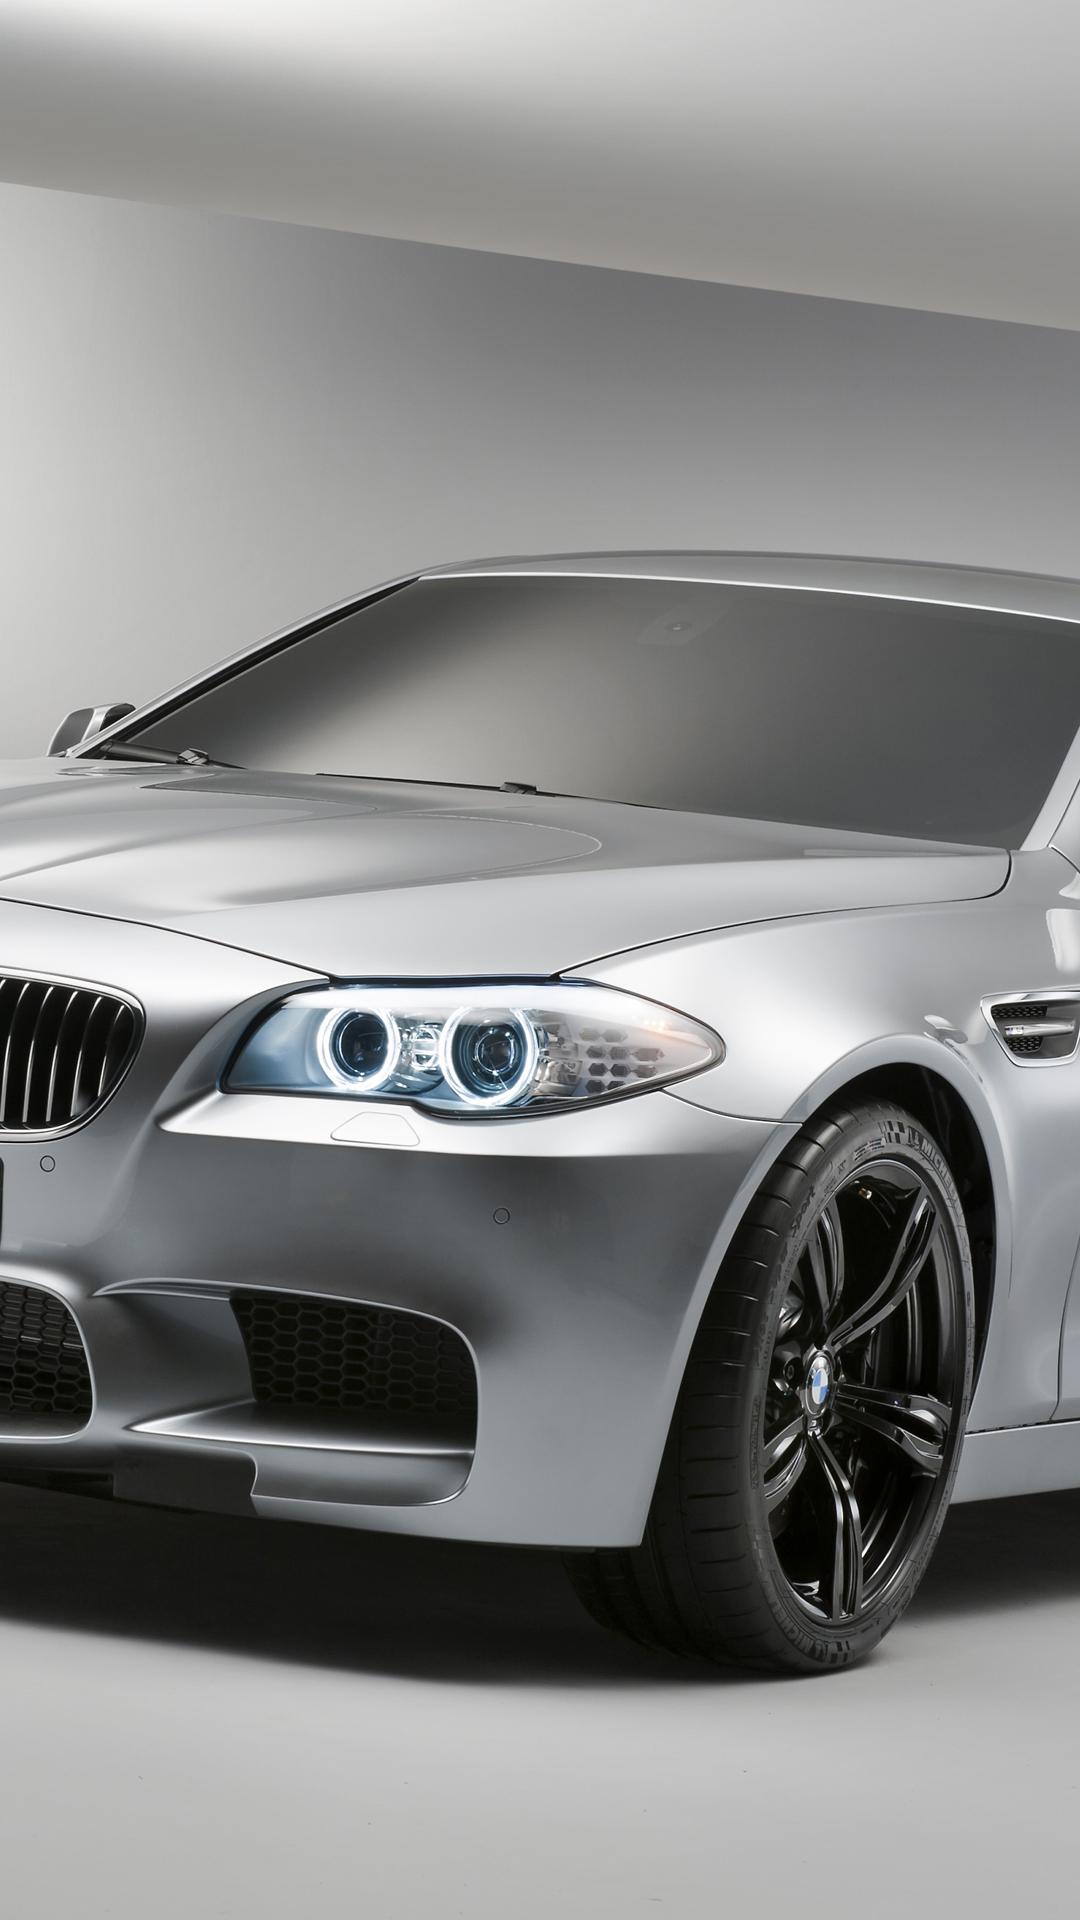 BMW M5 HTC hd wallapaper